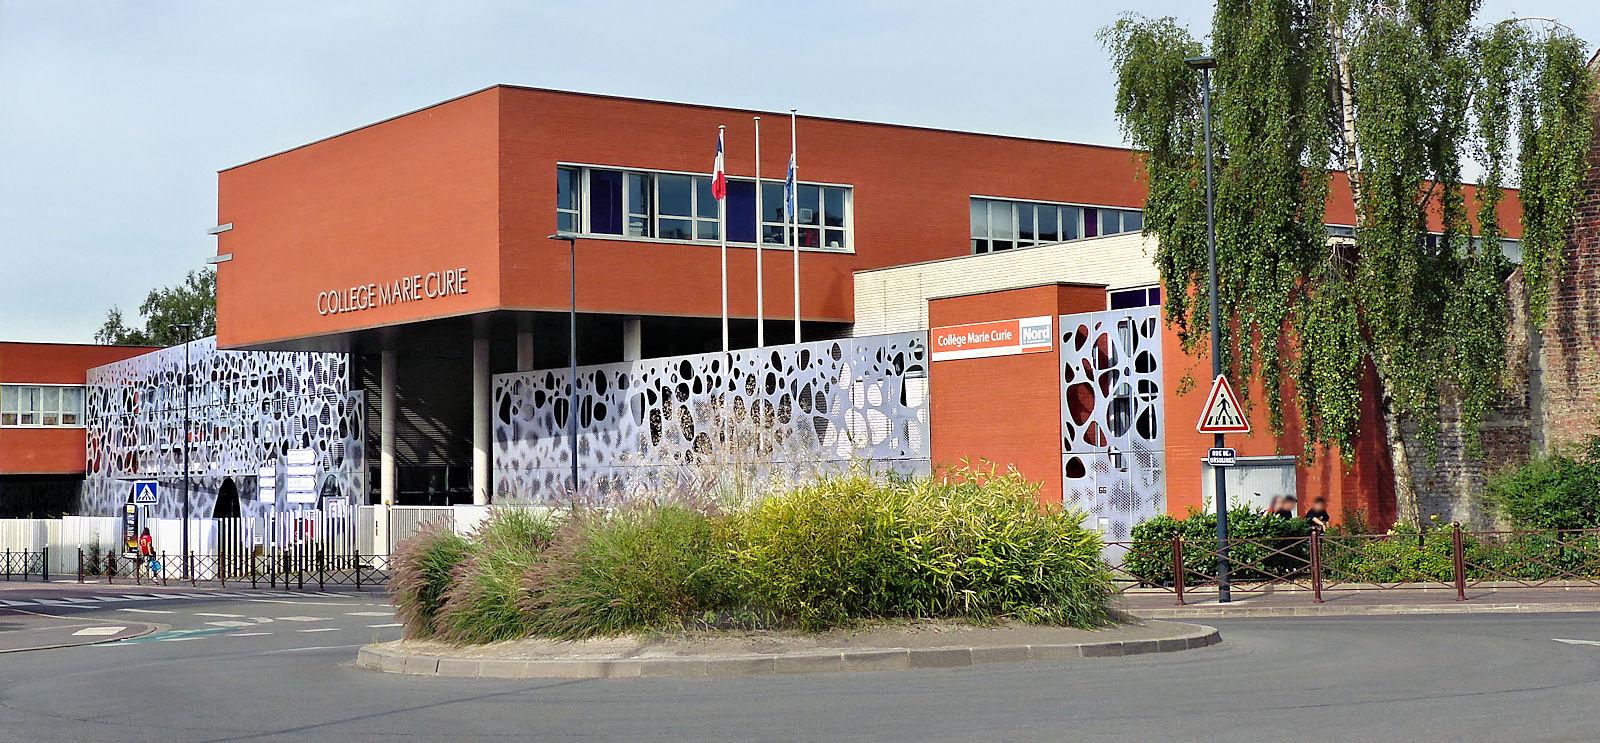 Le rond point face au collège Marie Curie